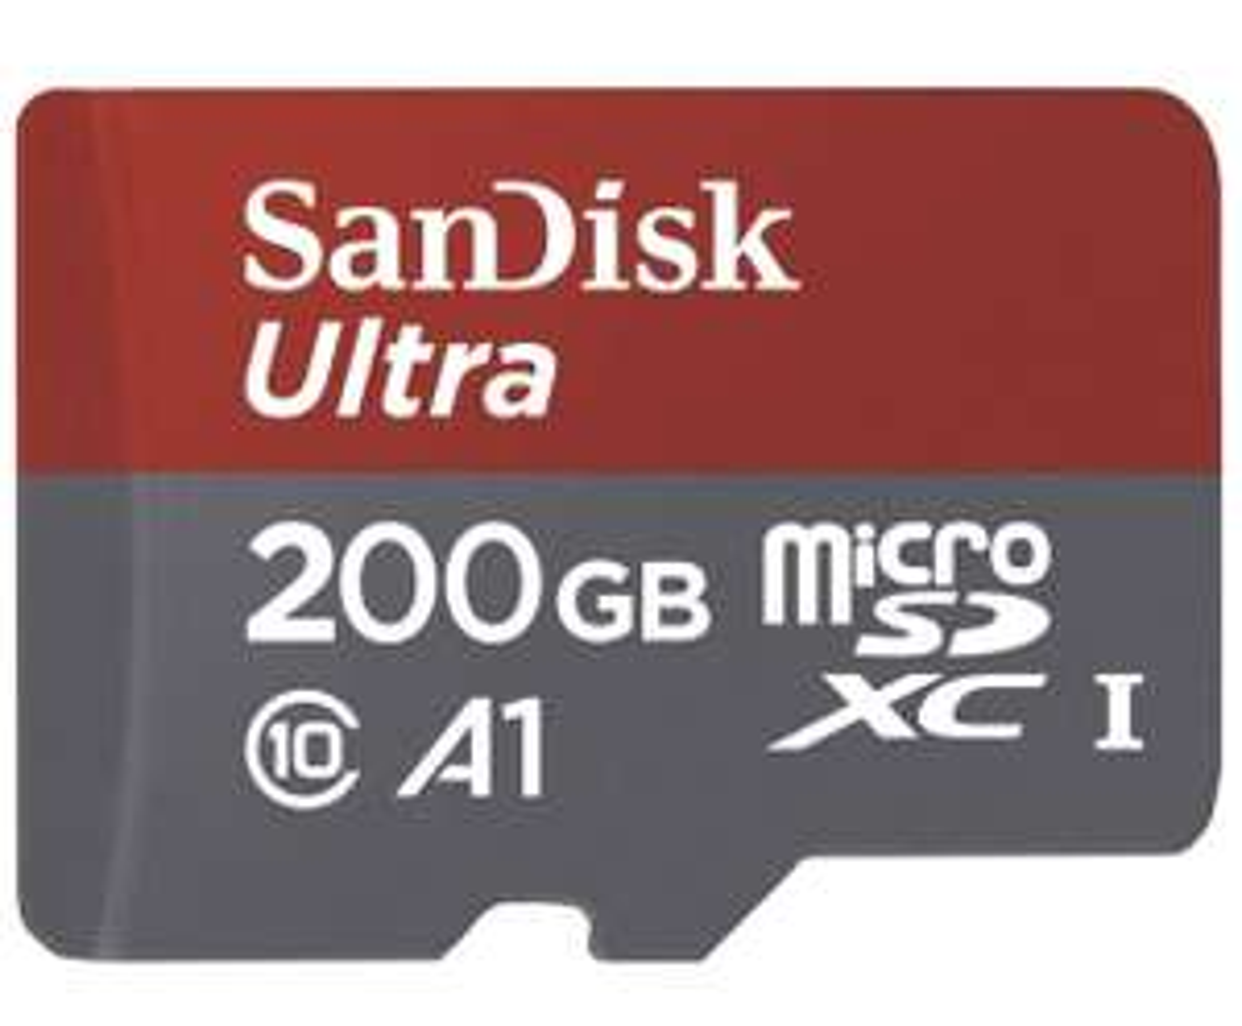 SanDisk Ultra 200GB microSDXC Speicherkarte + Adapter bis zu 100 MB/Sek., Class 10, U1, A1, FFP